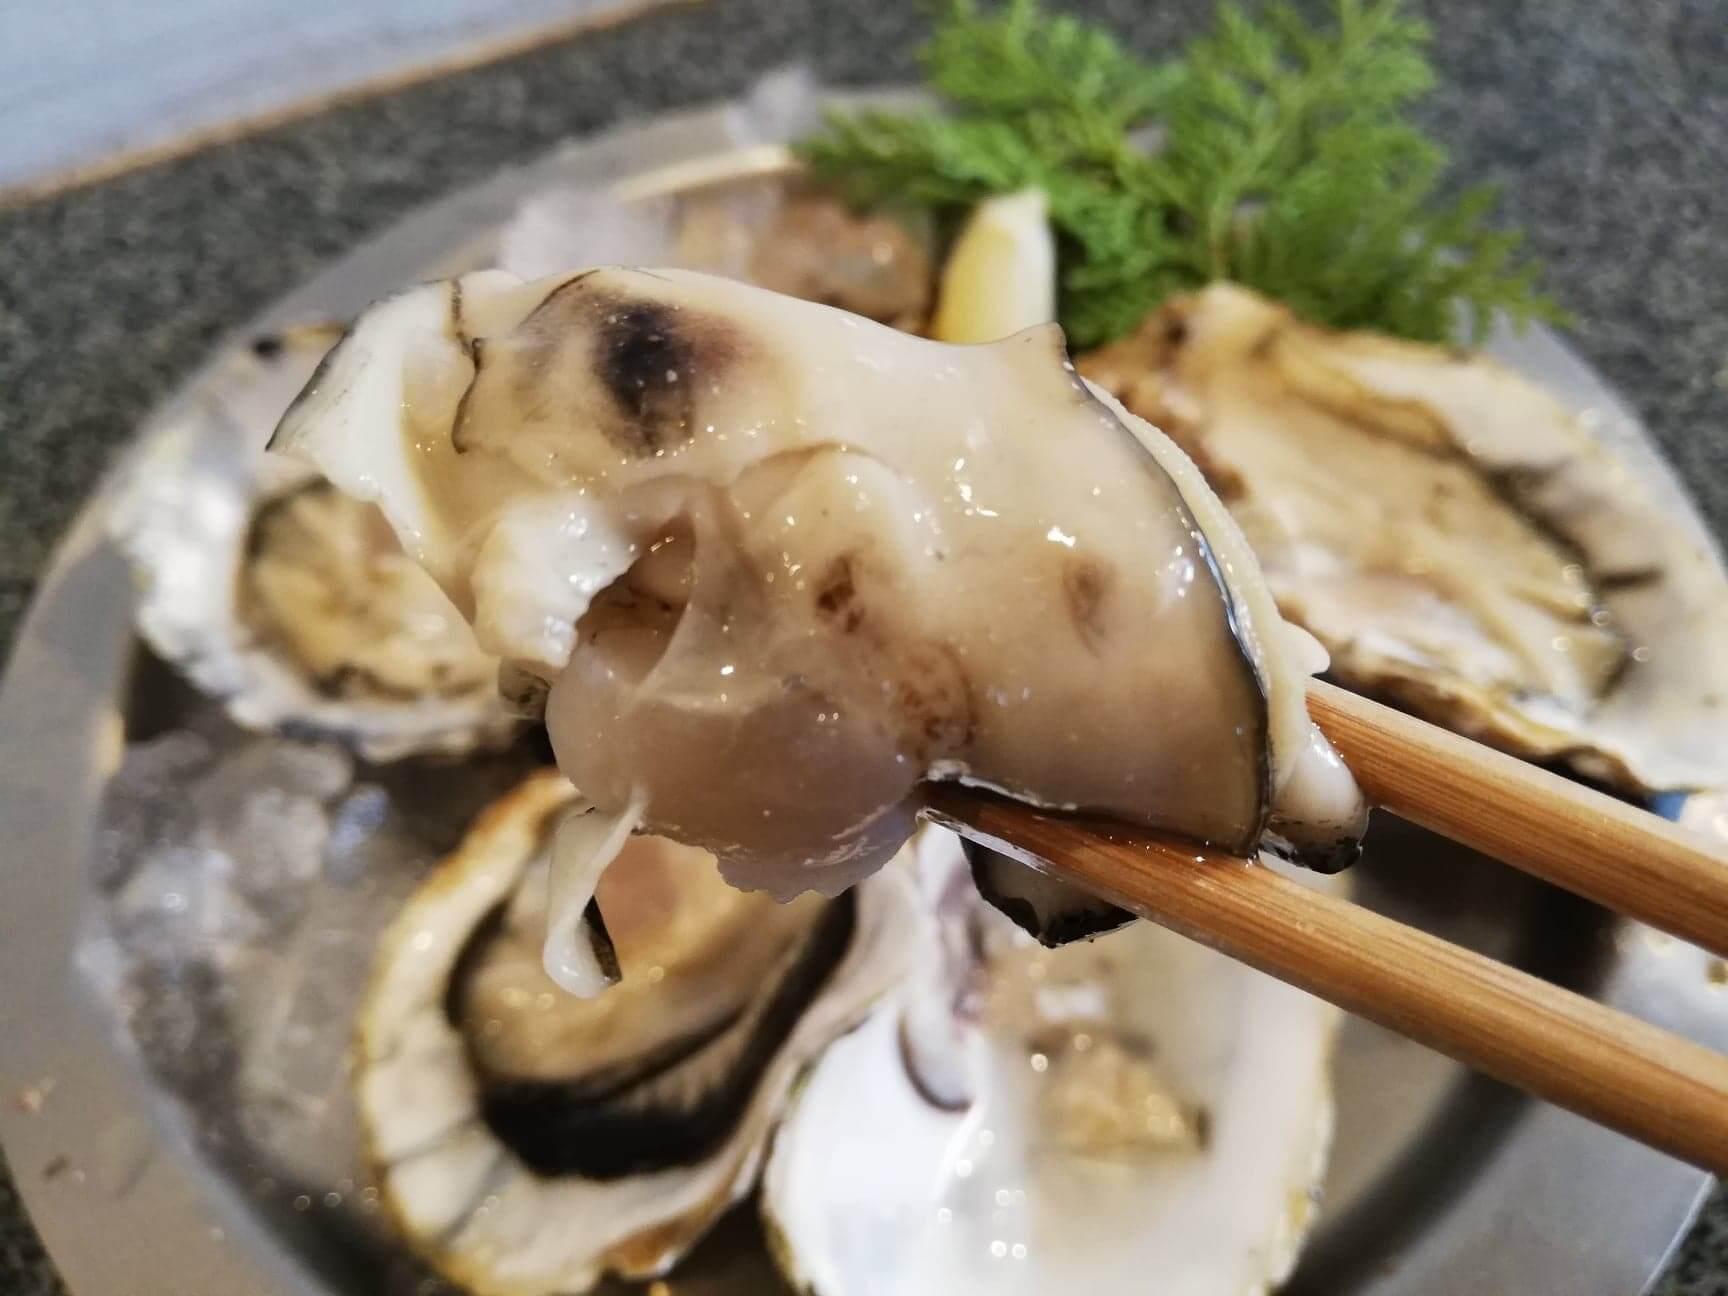 広島県宮島『牡蠣屋』の生牡蠣を箸で掴んだ写真